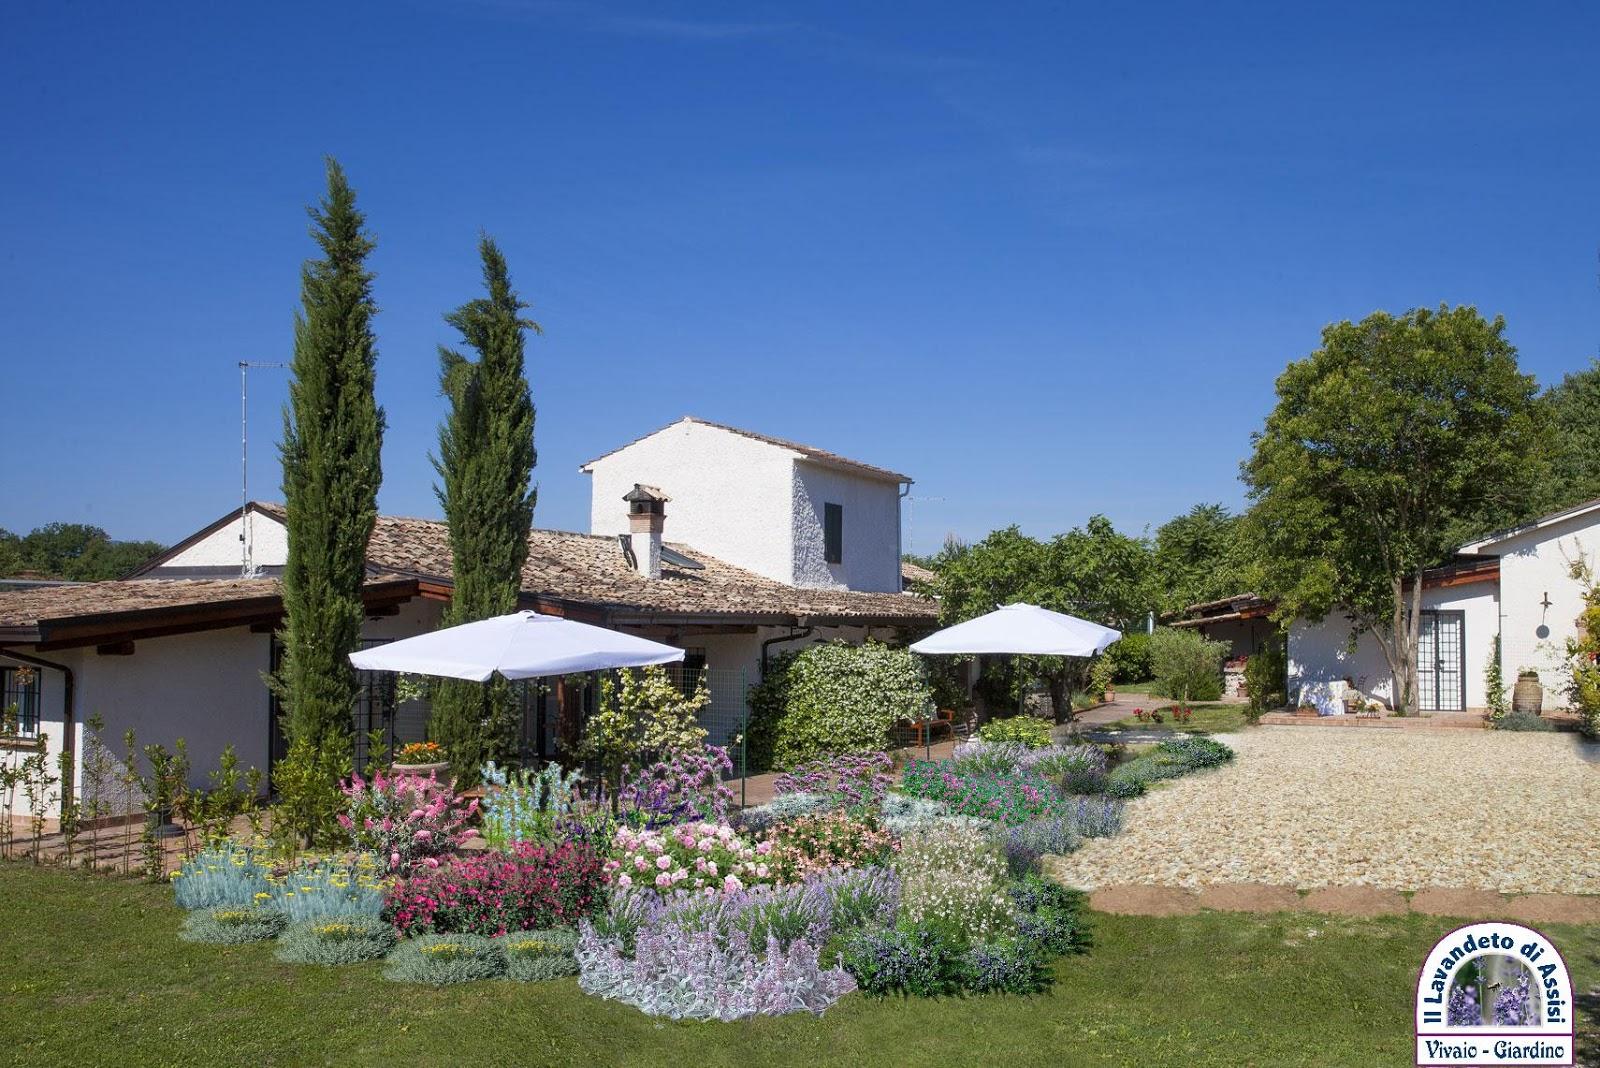 Progetto giardino online for Progetto online